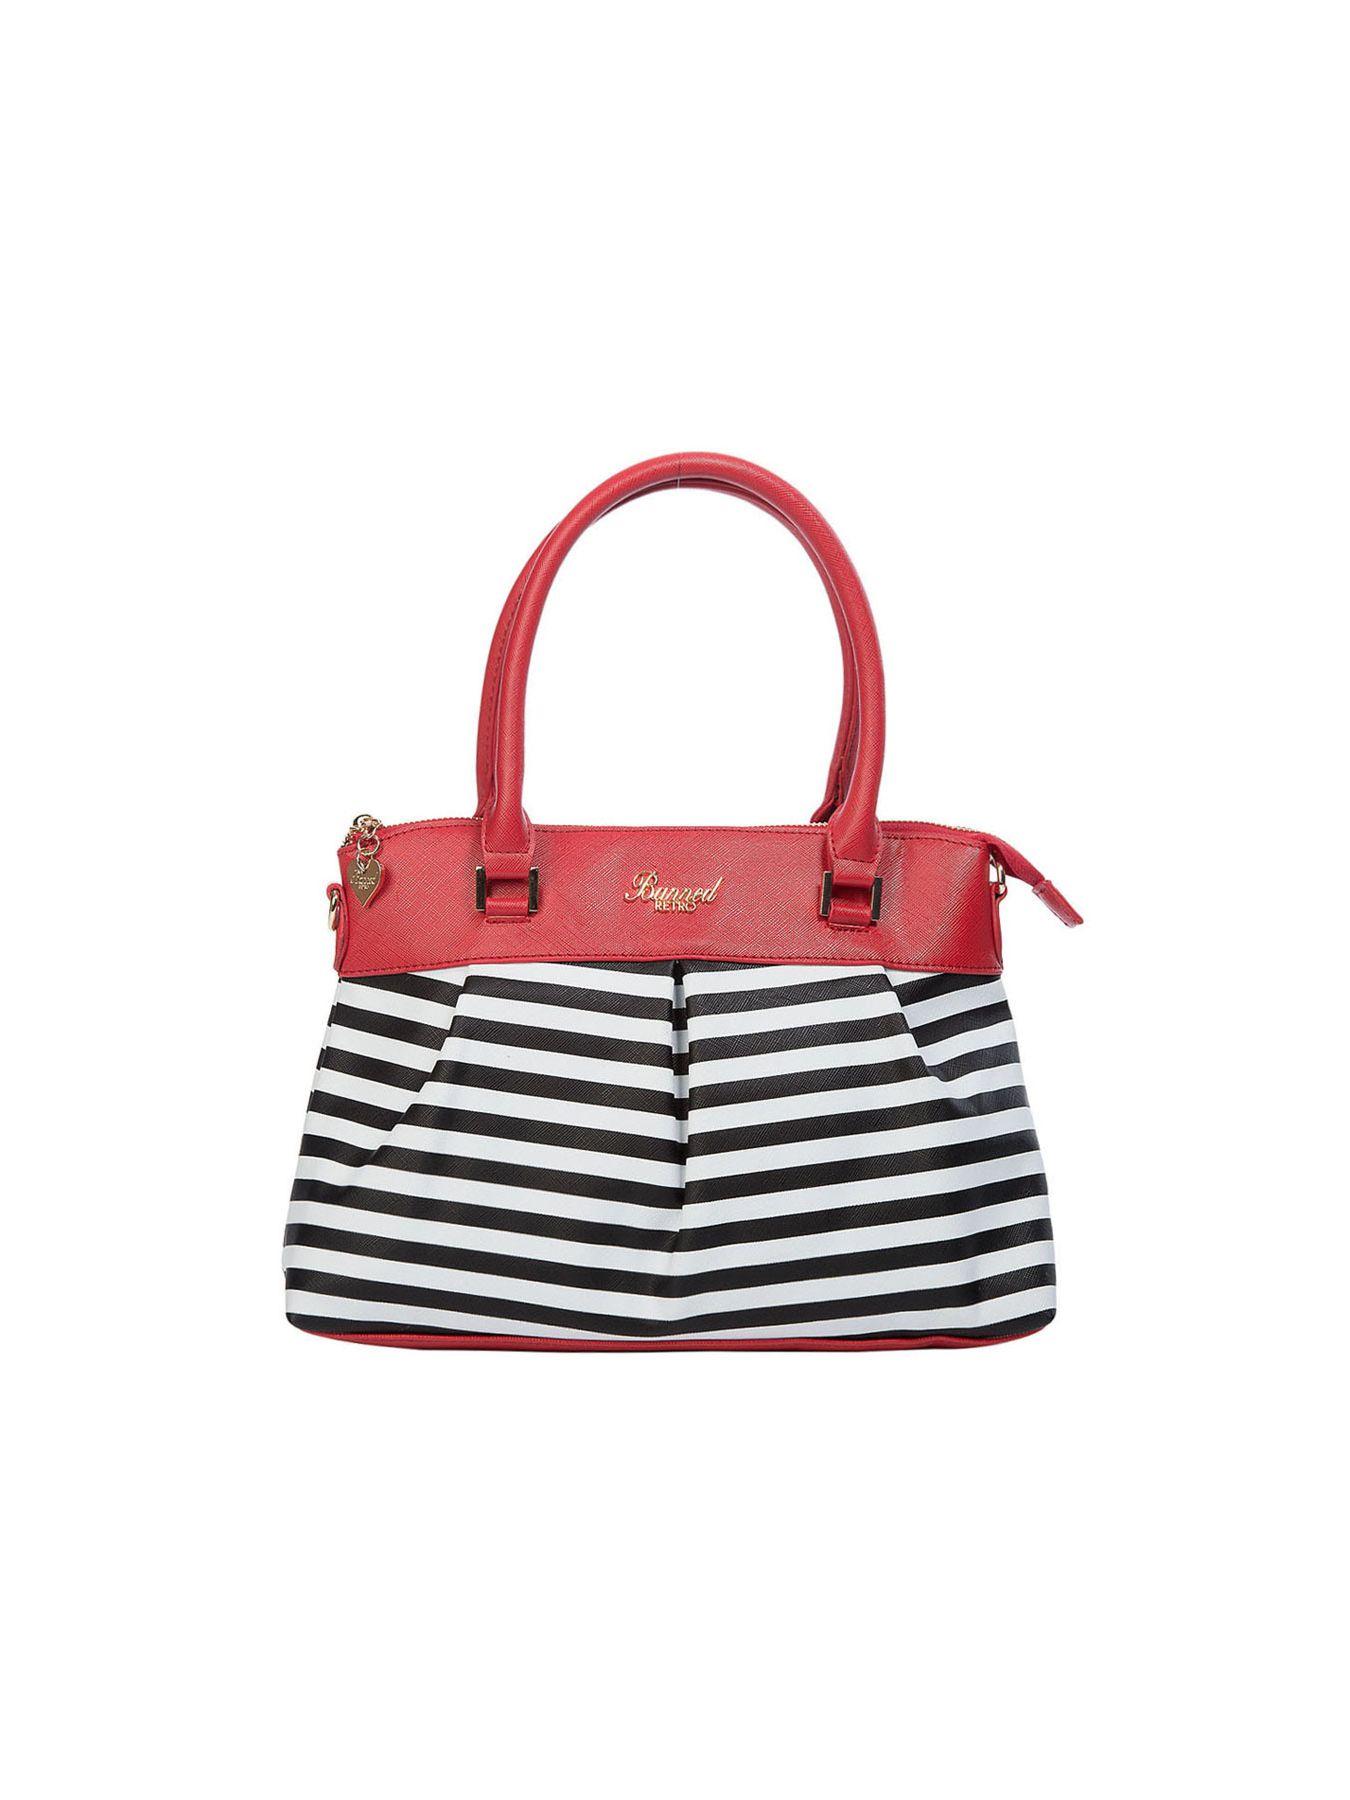 Living bay handbag red